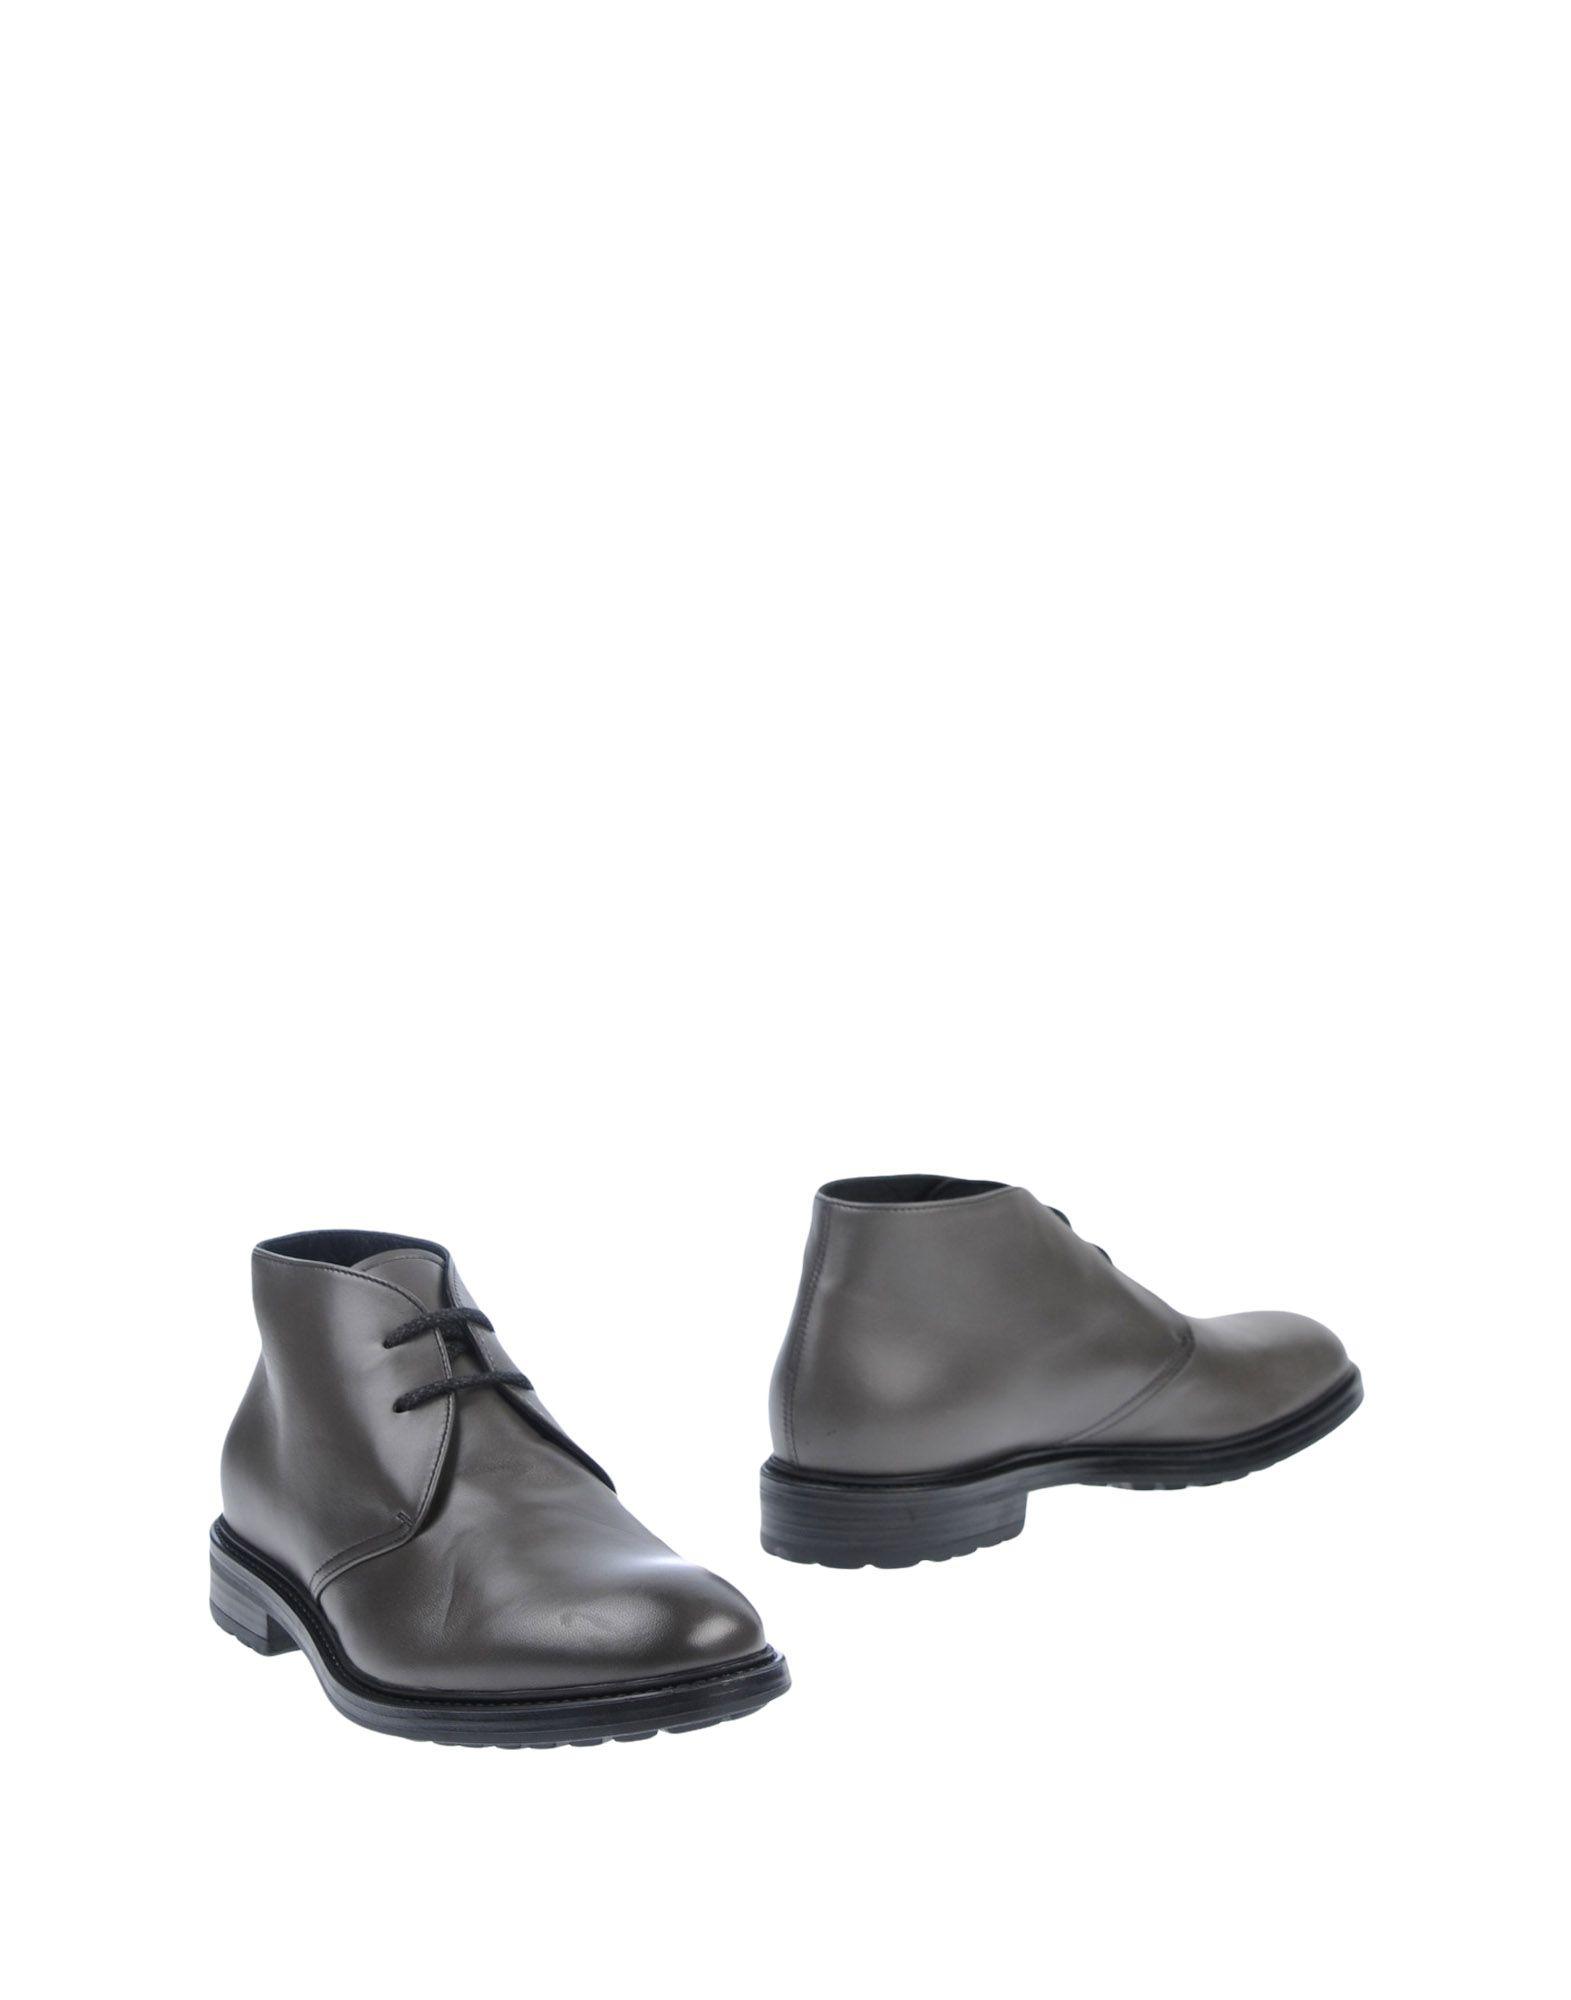 doucal & # 39; s s s bottes - hommes doucal & # 39; s bottes en ligne le royaume - uni - 11508784xm fc1068